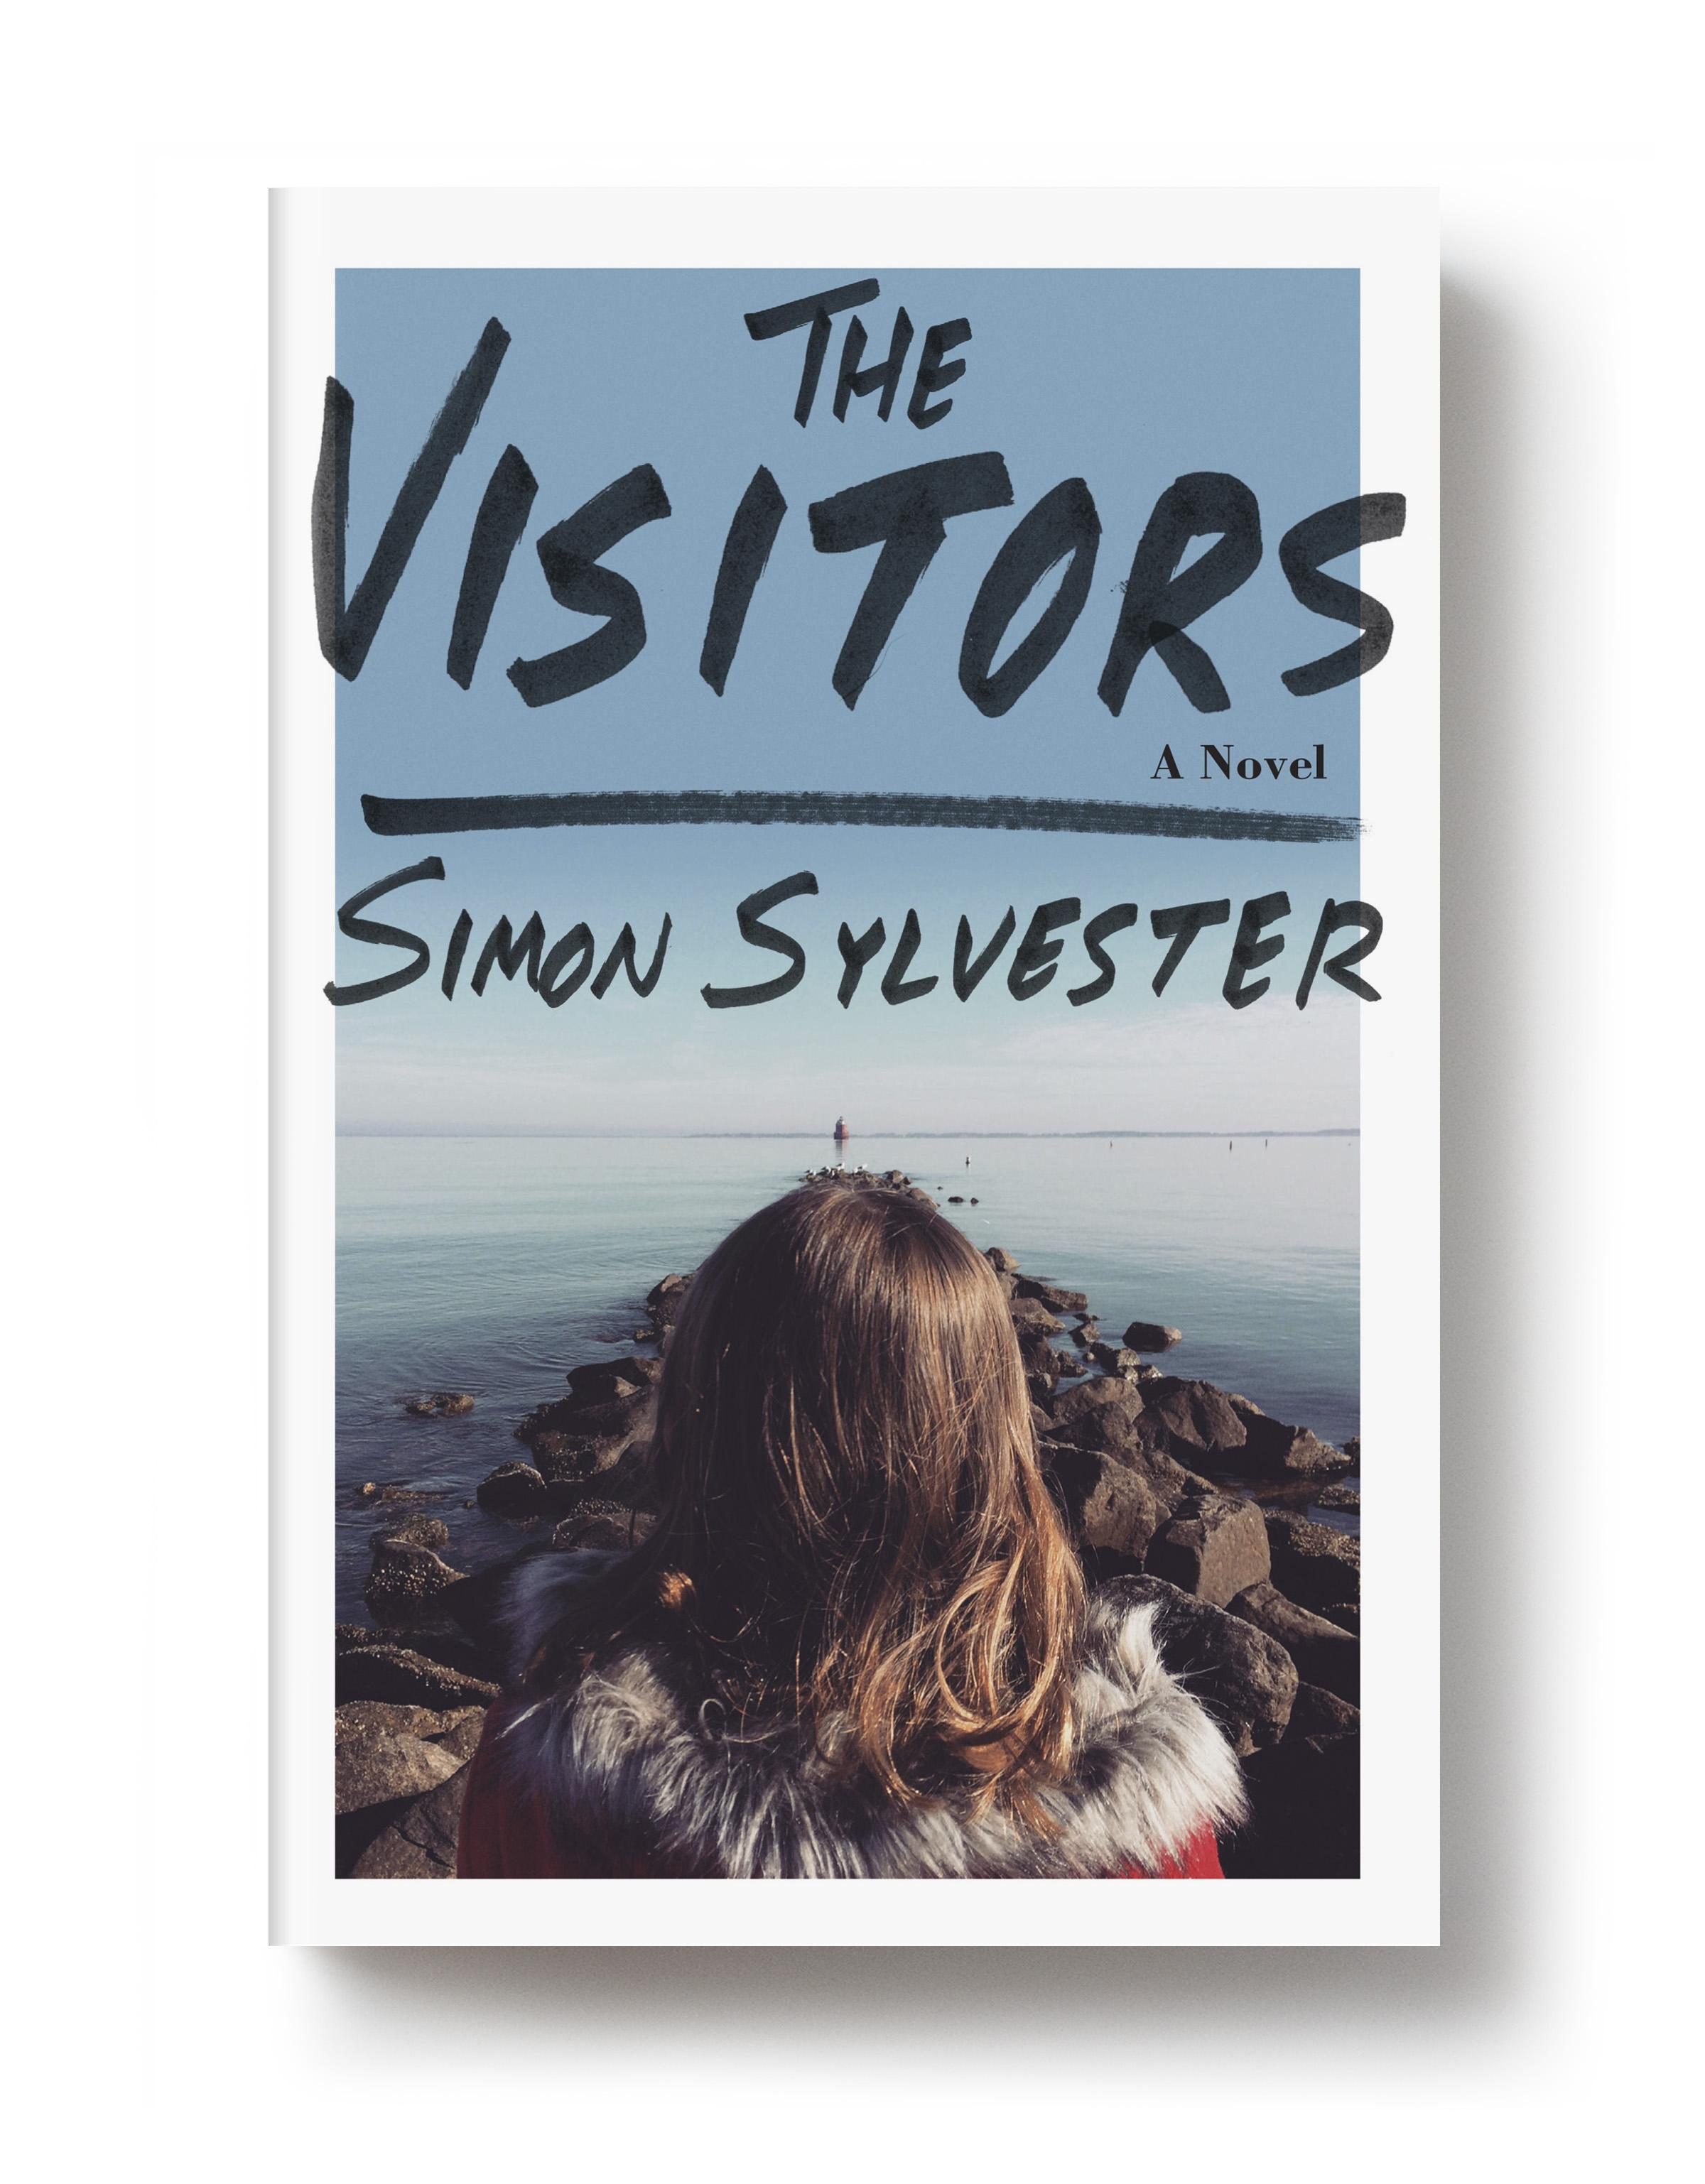 <i>The Visitors</i>: A soundtrack